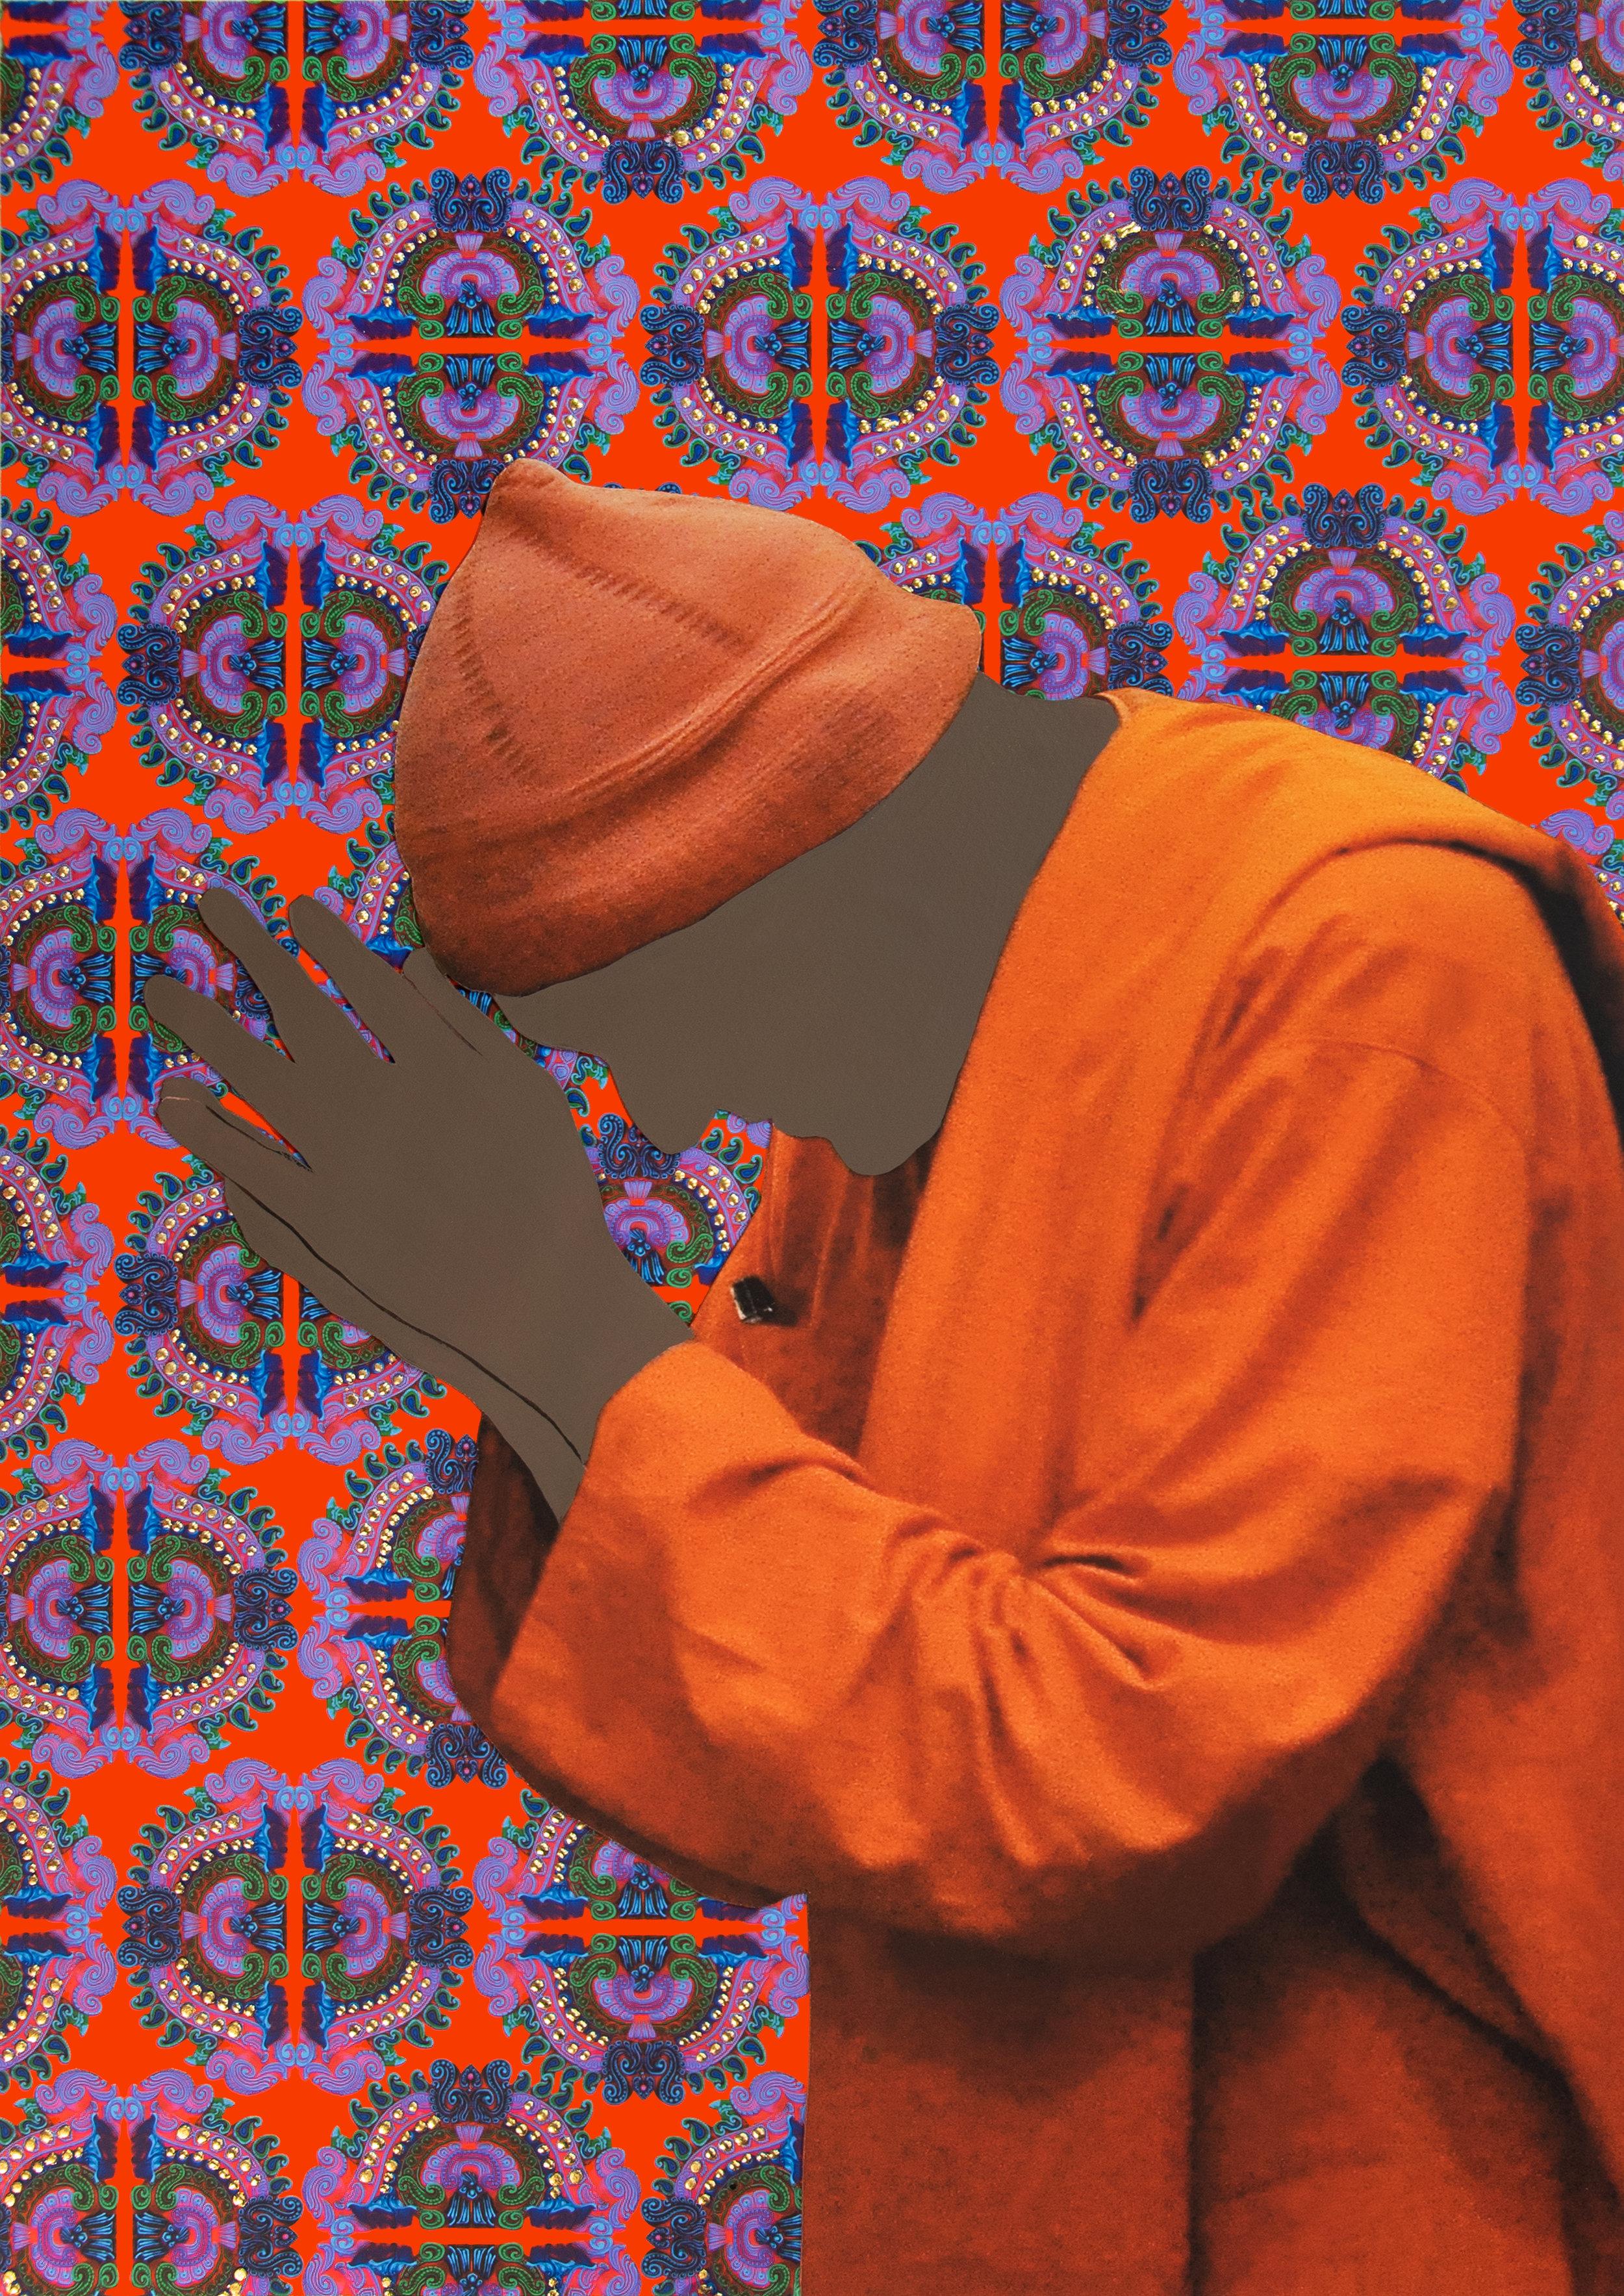 Portraits Edit Final_Swami Harshananda.jpg